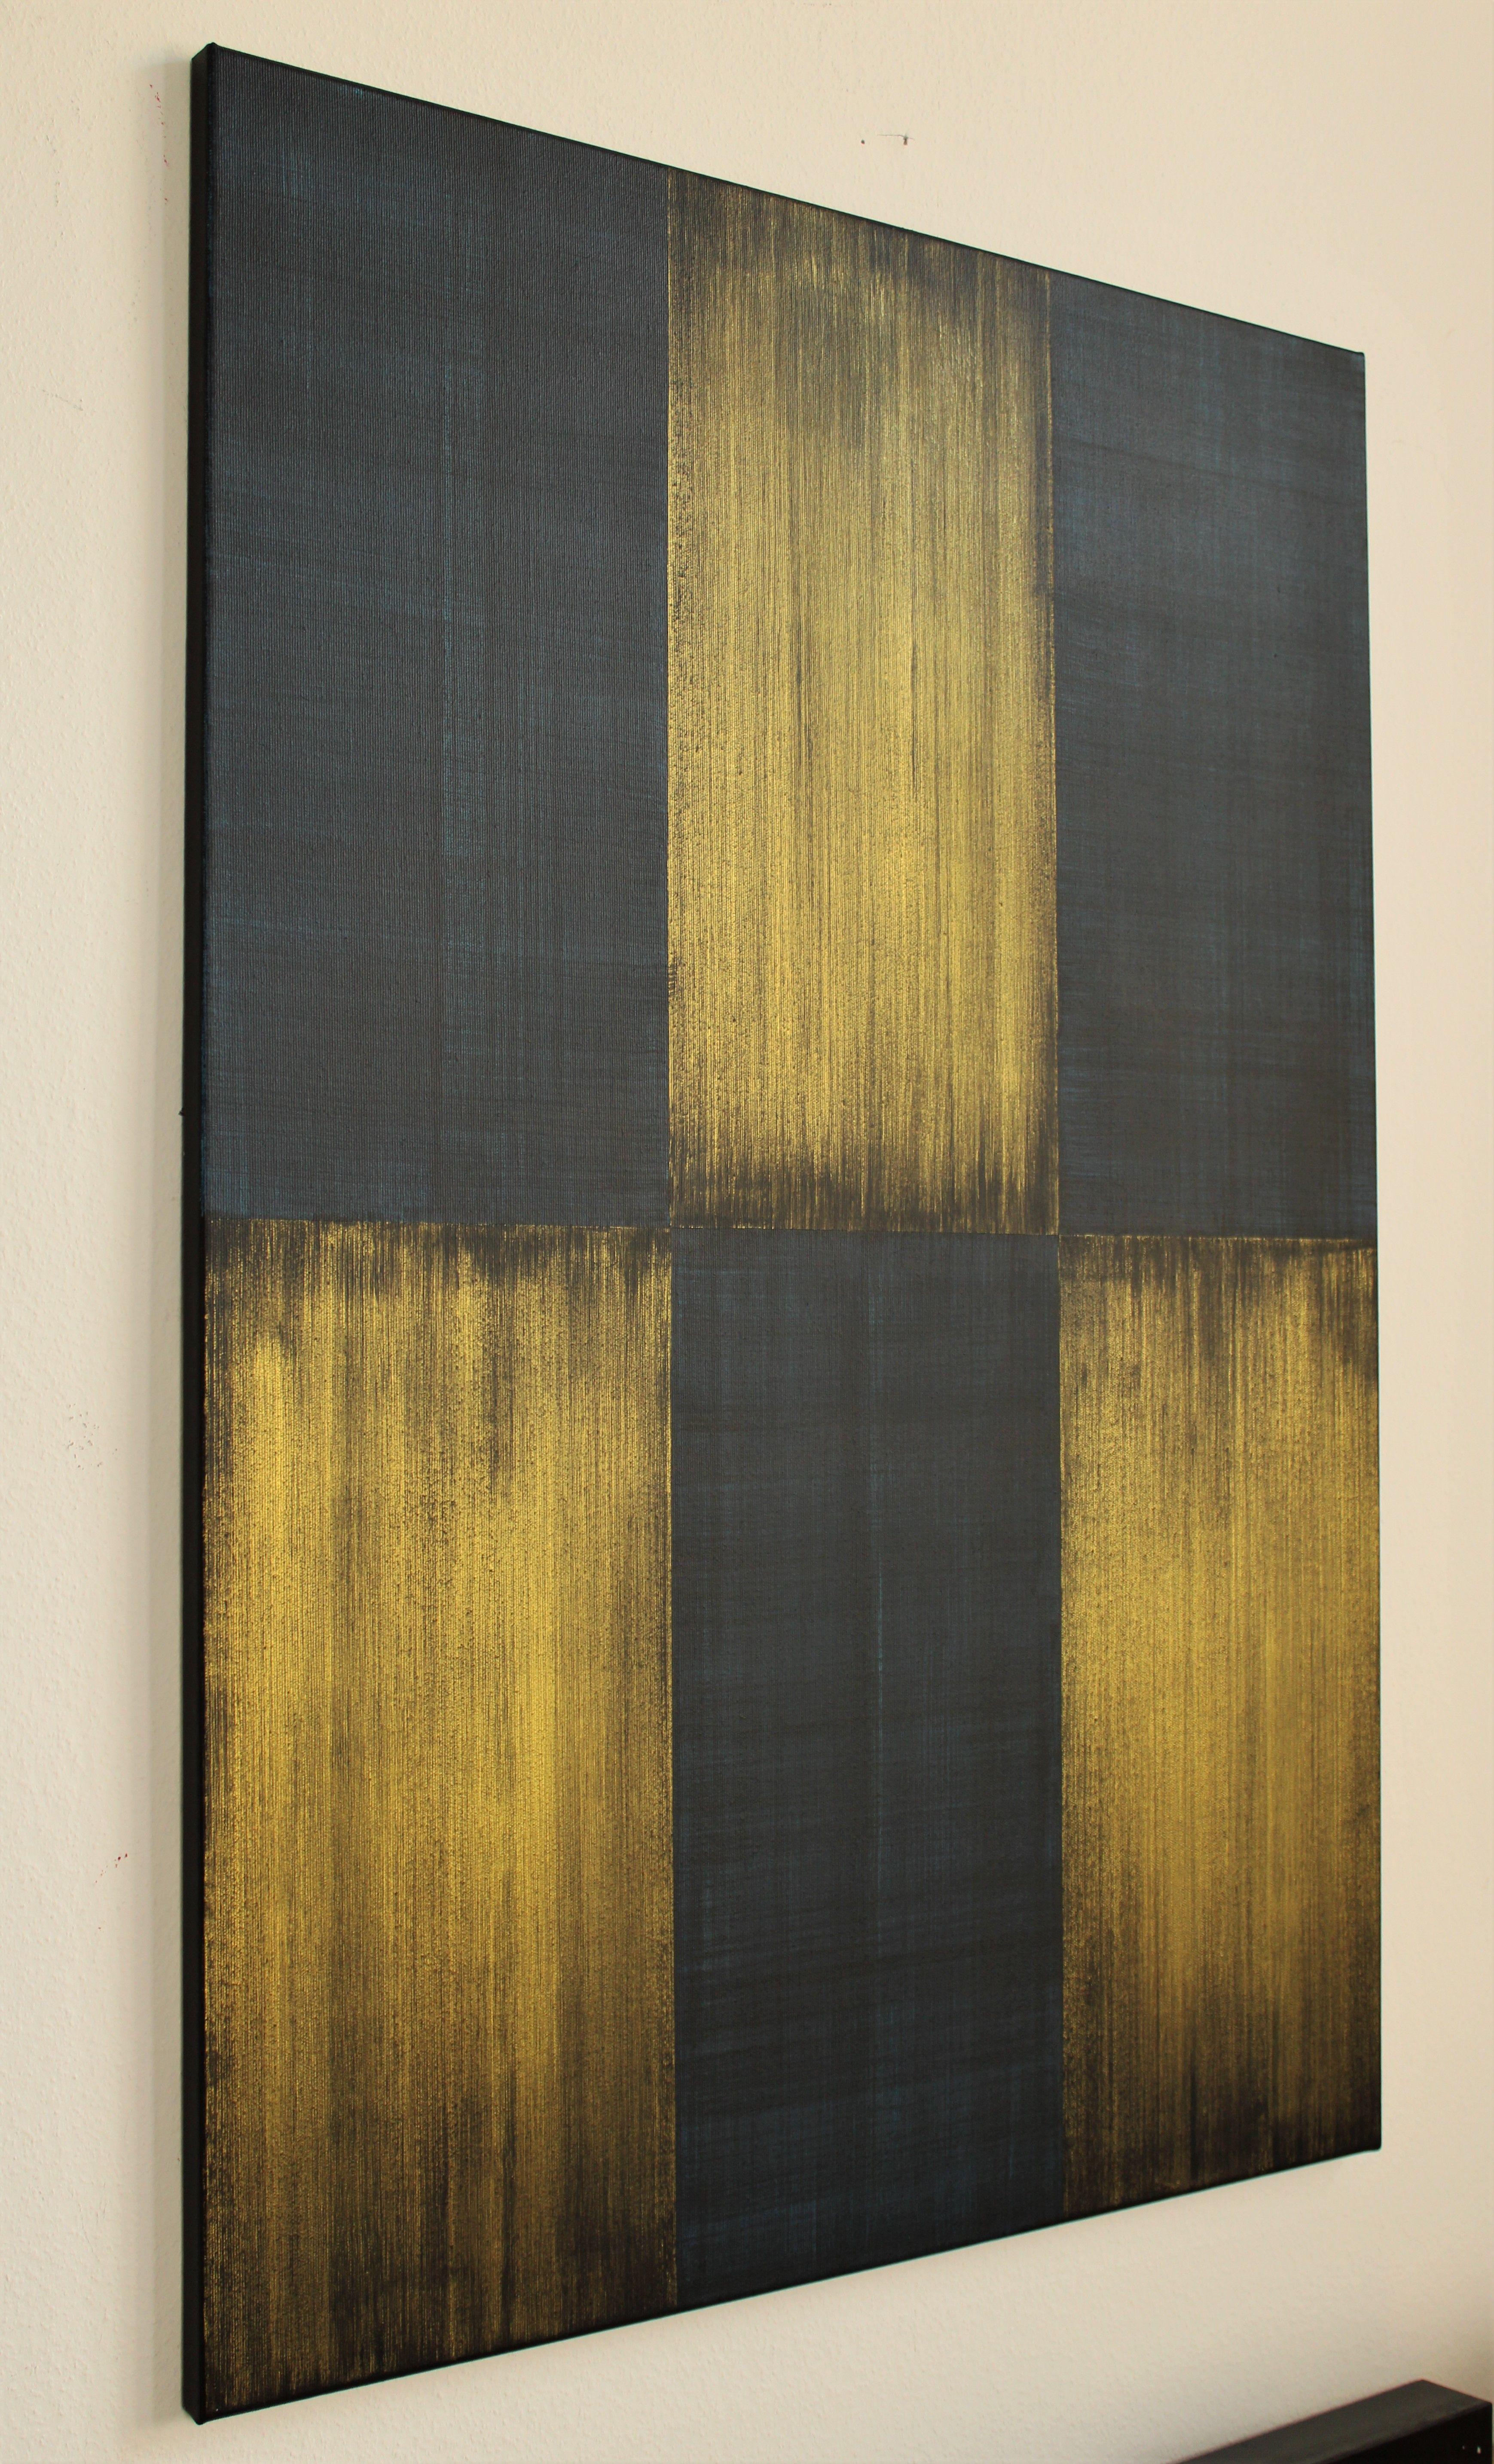 vertikal 2 acryl auf leinwand gold blau schwarz abstrakt streifen kunst moderne bilder idee farbe acrylmalerei abstrakte künstler malerei